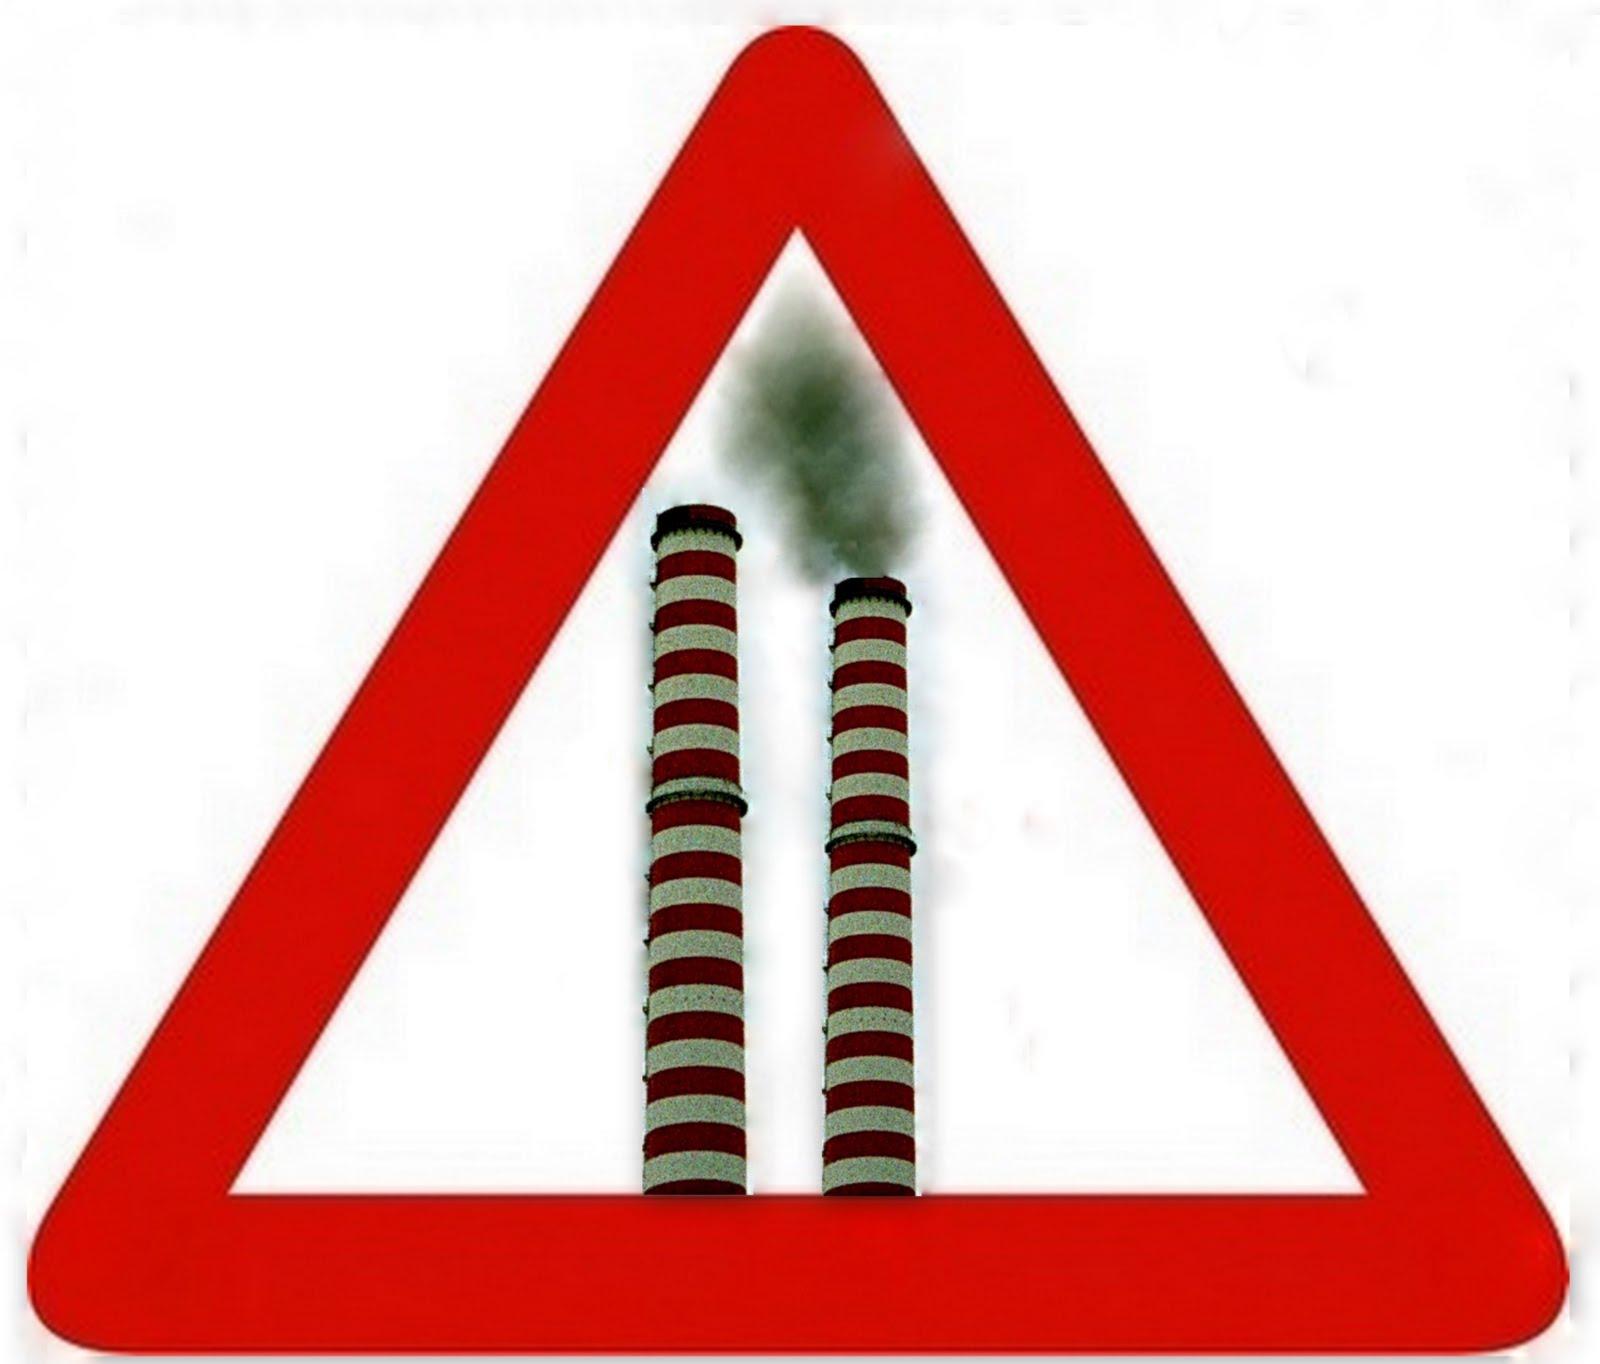 Vado Ligure, la centrale a carbone costa milioni di euro e migliaia di vite